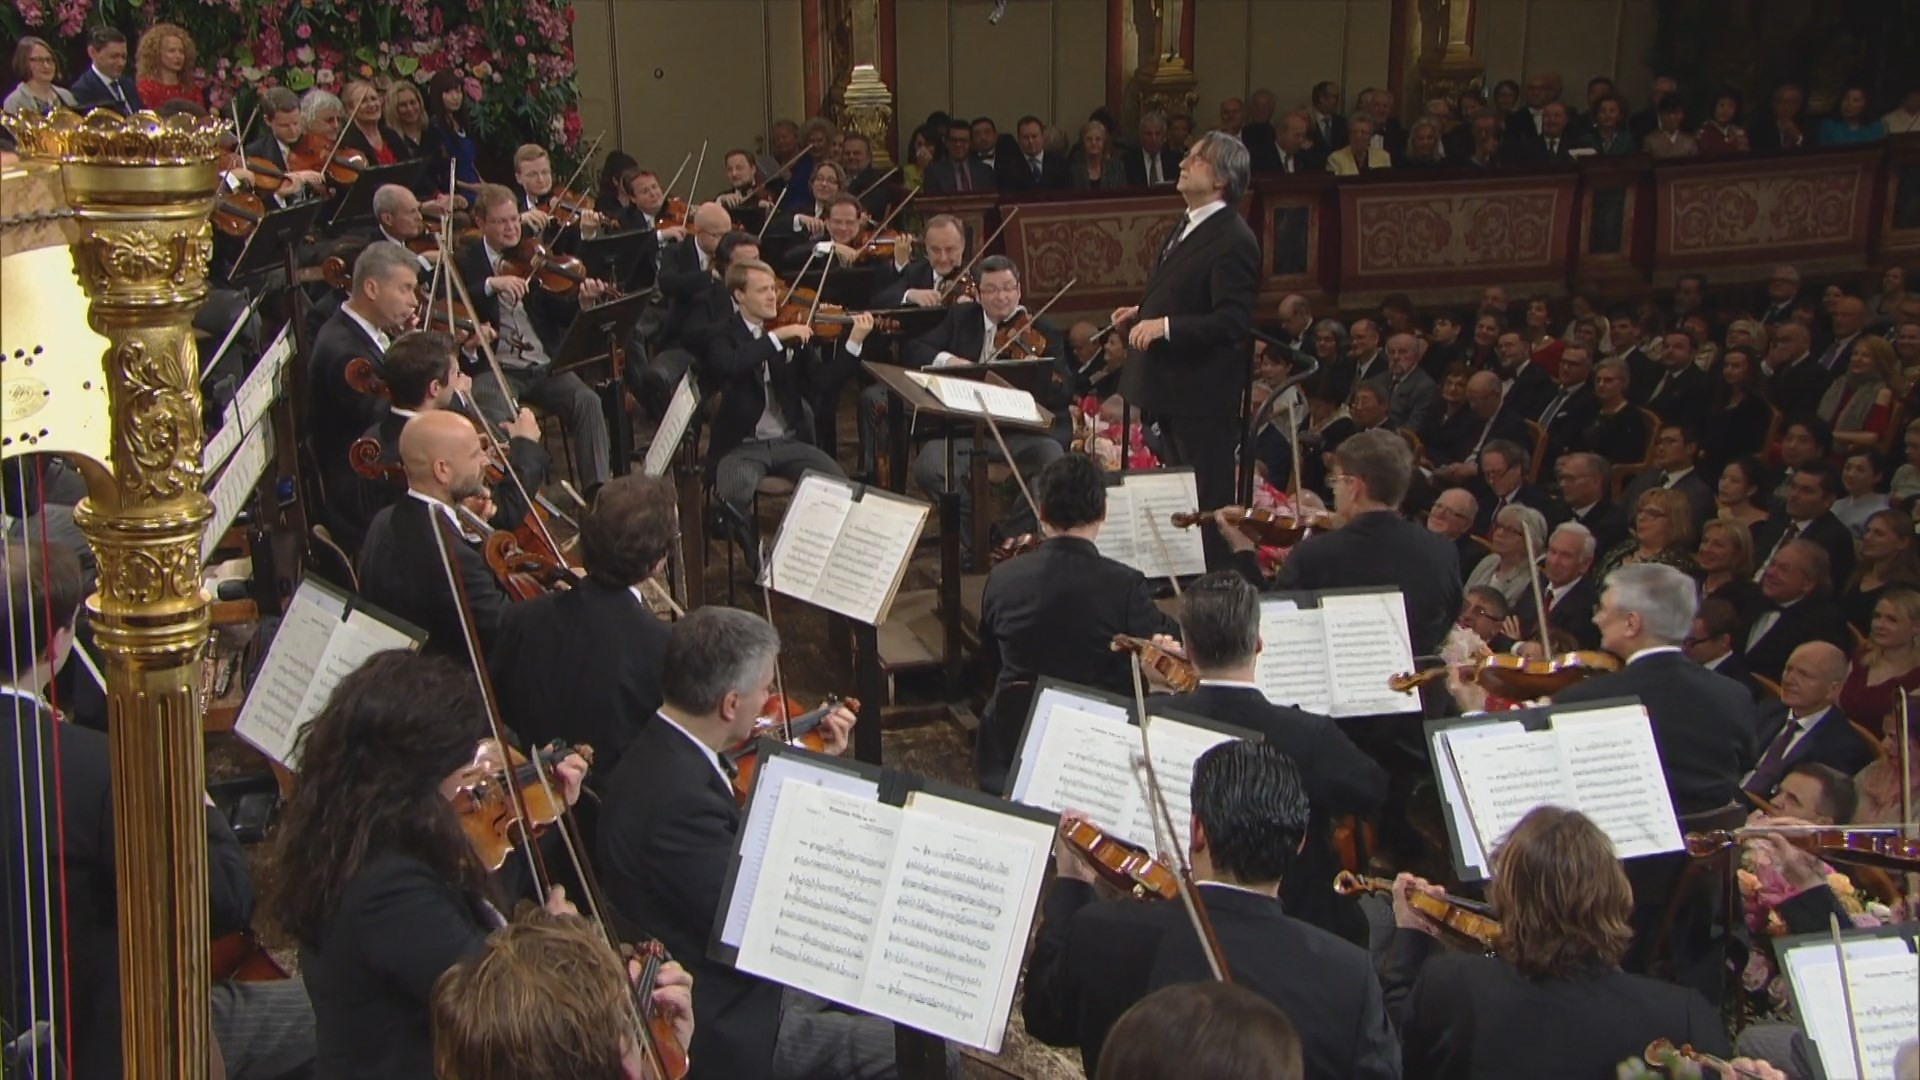 Neujahrskonzert wiener philharmoniker